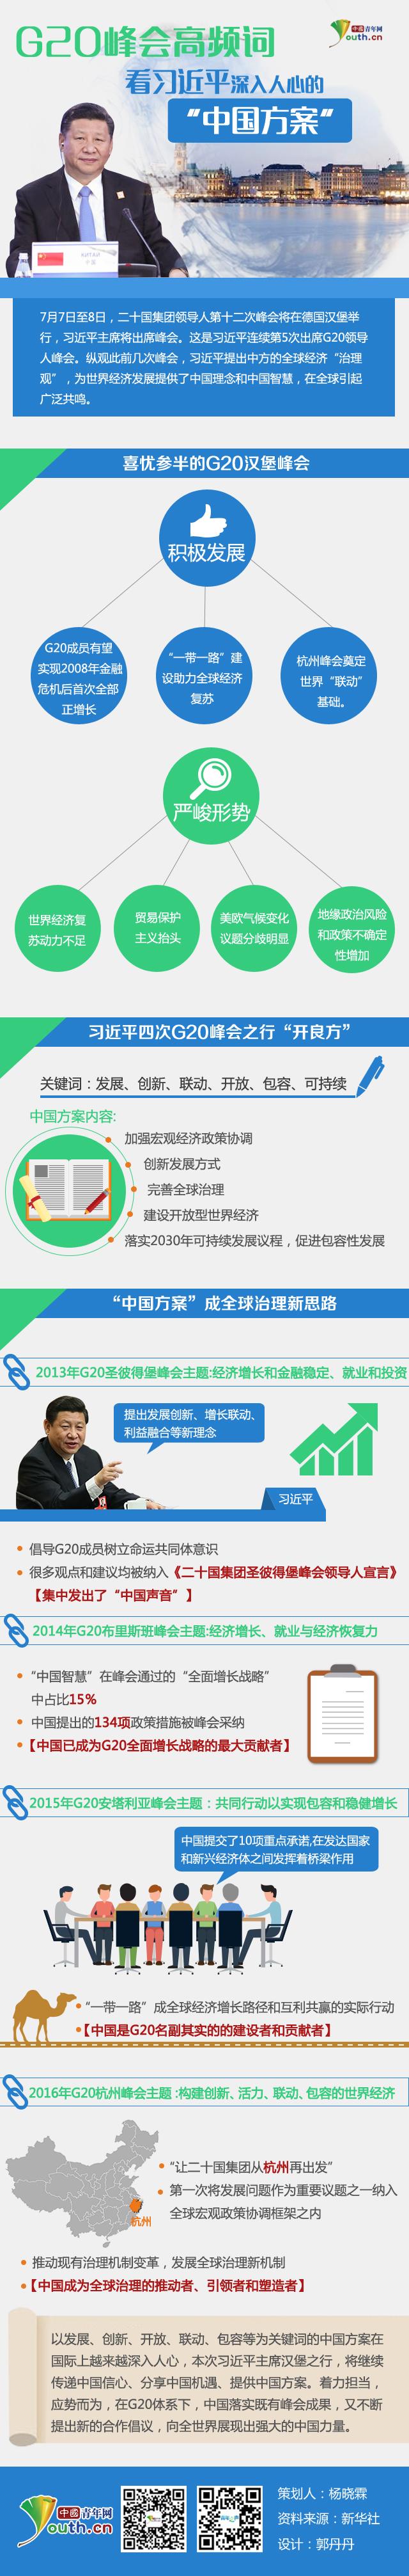 """G20峰会的""""中国方案"""" - 逍遥客 - 逍遥客的网易博客"""